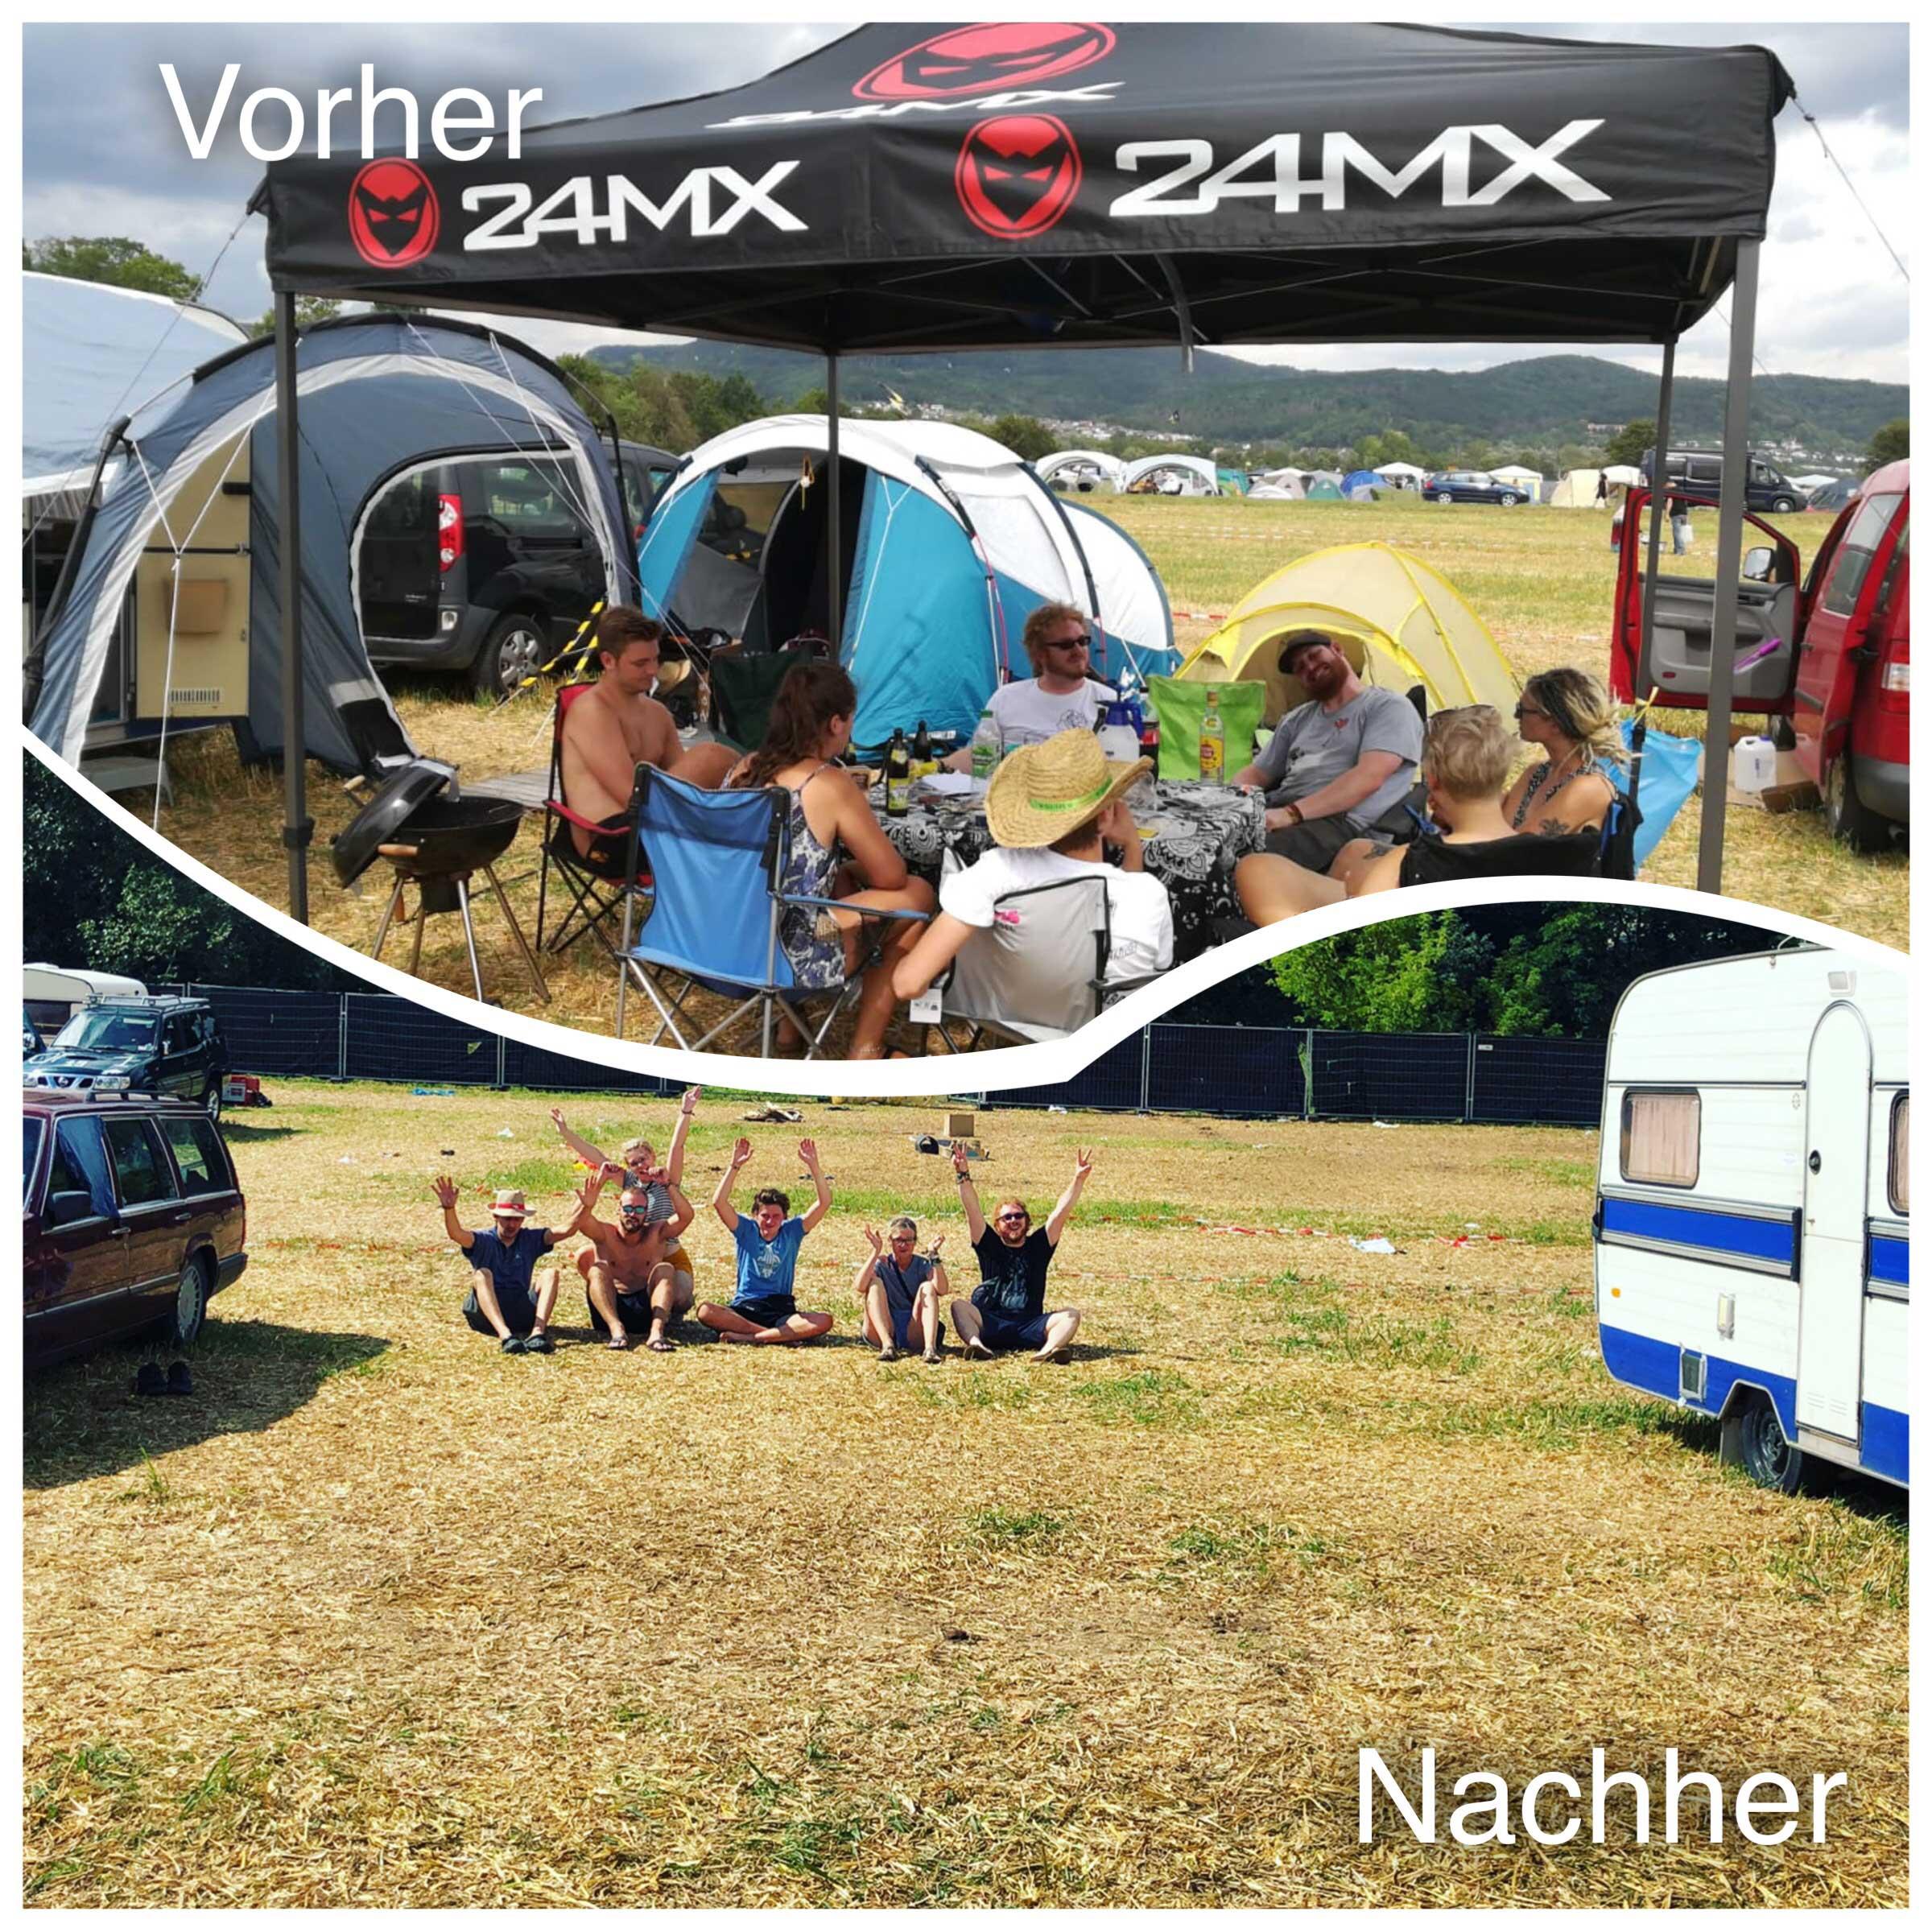 Vorher-Nachher Fotos Wir haben unsere teams beim Open Flair Festival aufgefordert, uns Vorher-Nachher Fotos ihres Camps zu schicken. So konnten Sie stolz zeigen, dass sie den Campingplatz sauber hinterlassen haben.